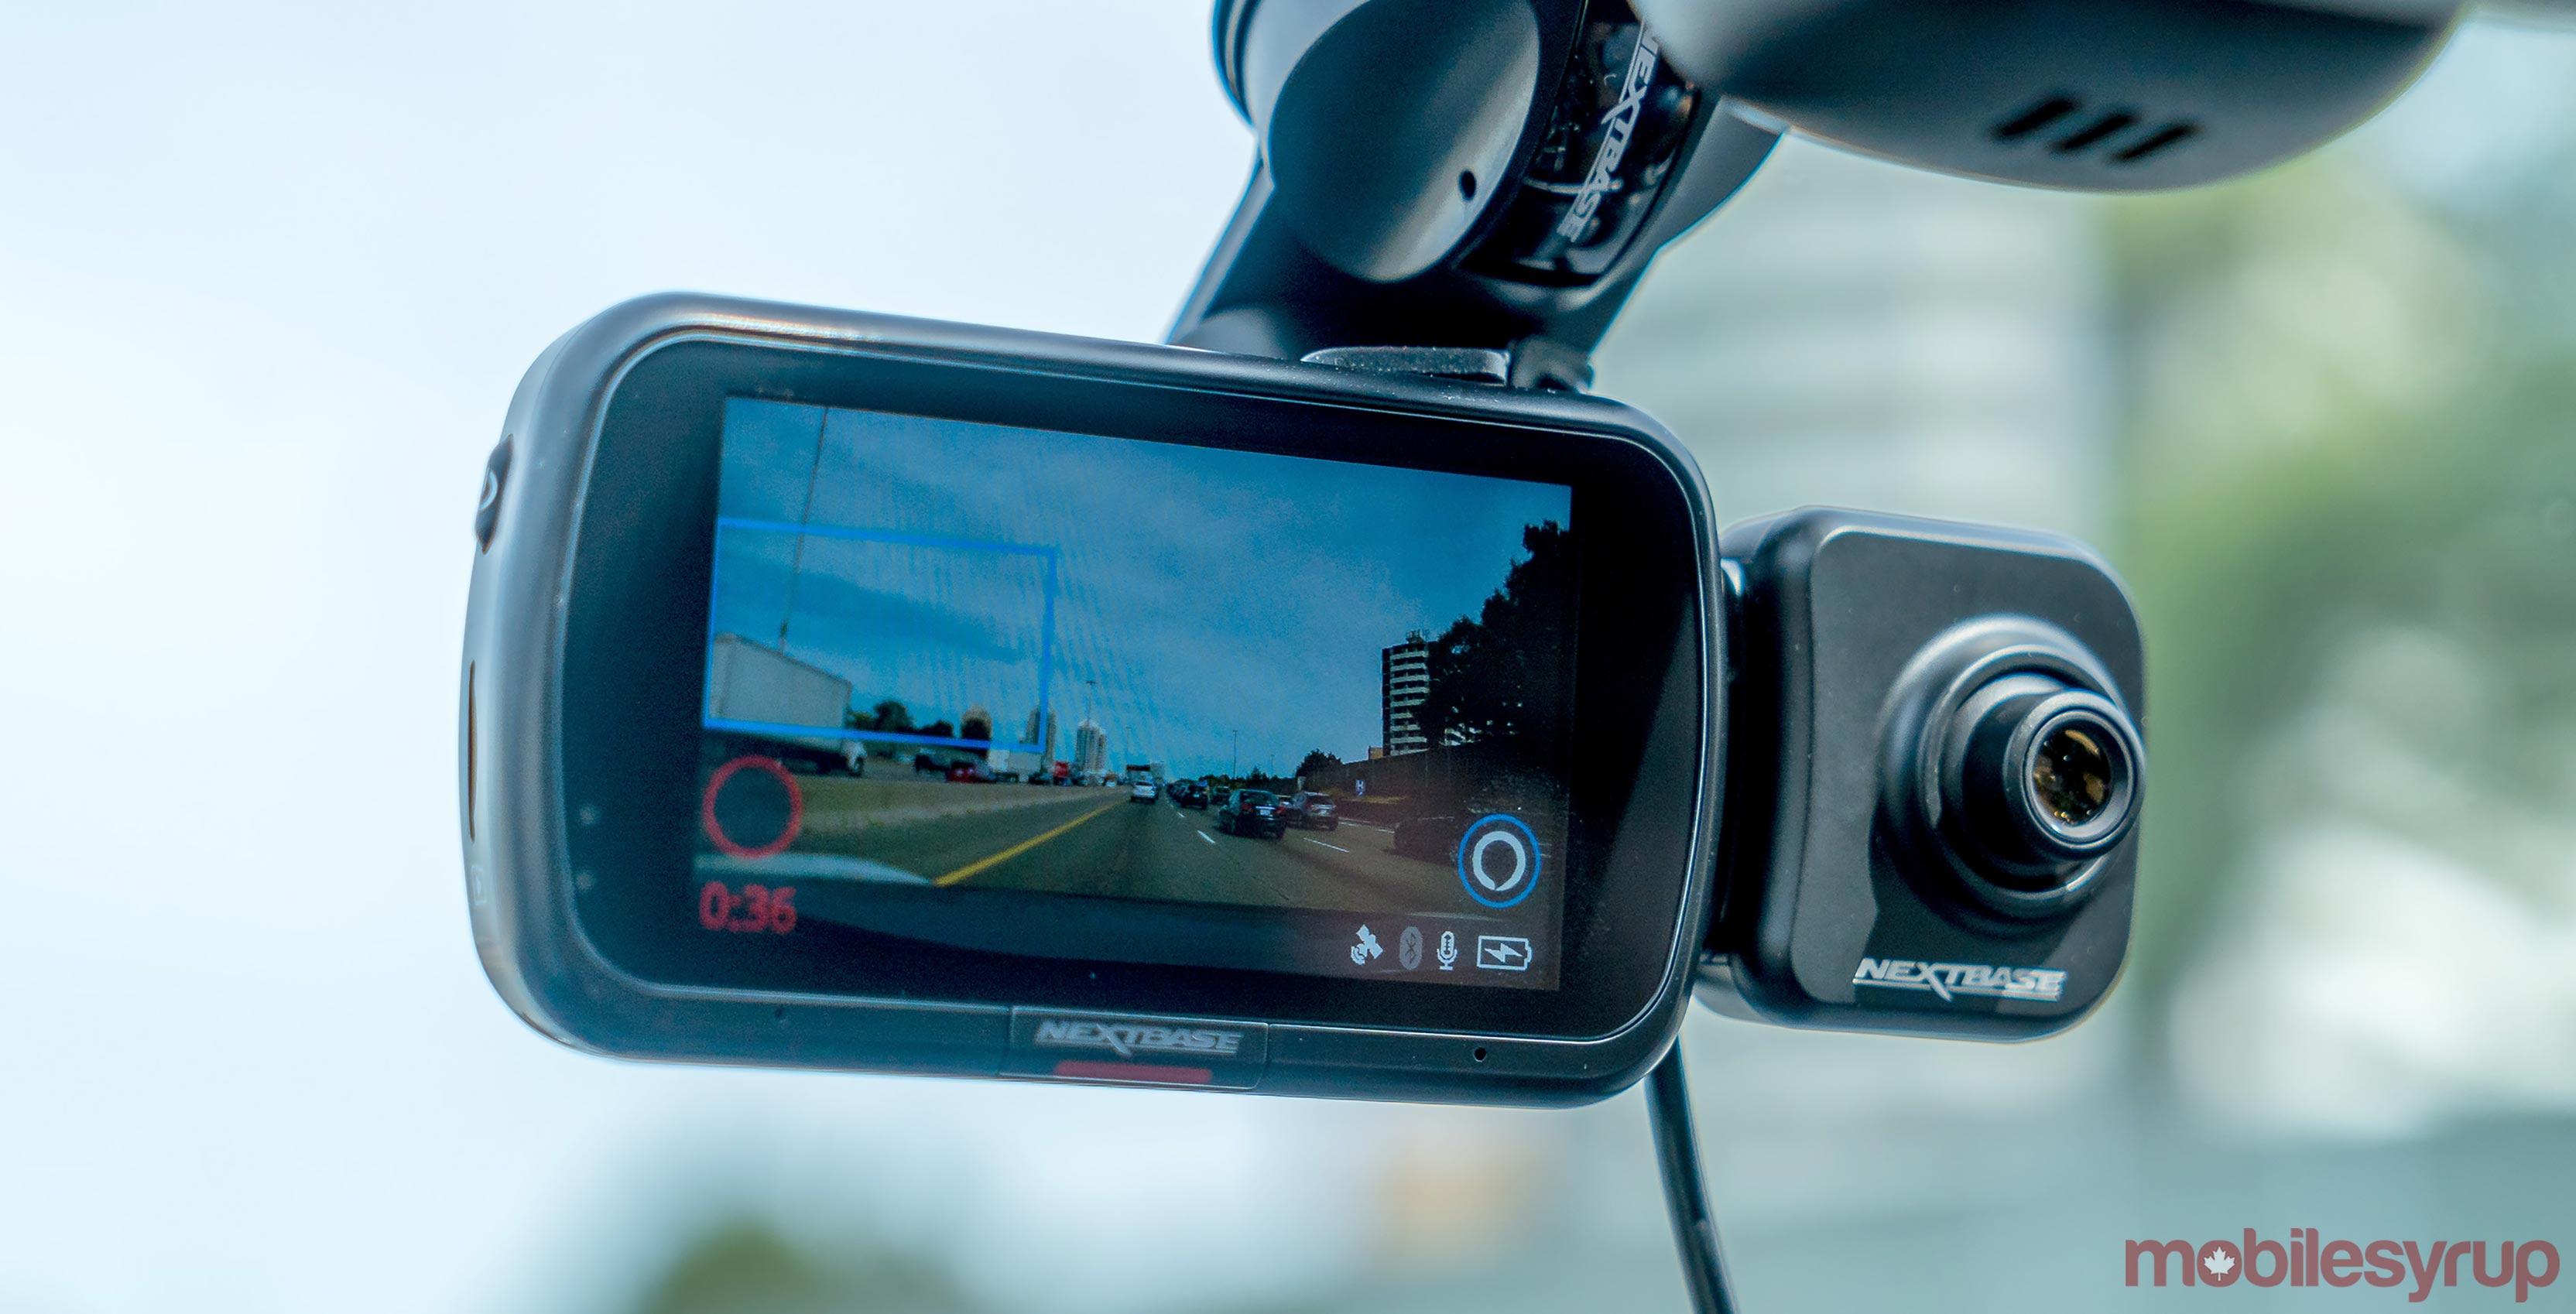 The Nextbase 522GW is decent dashcam that speaks Alexa